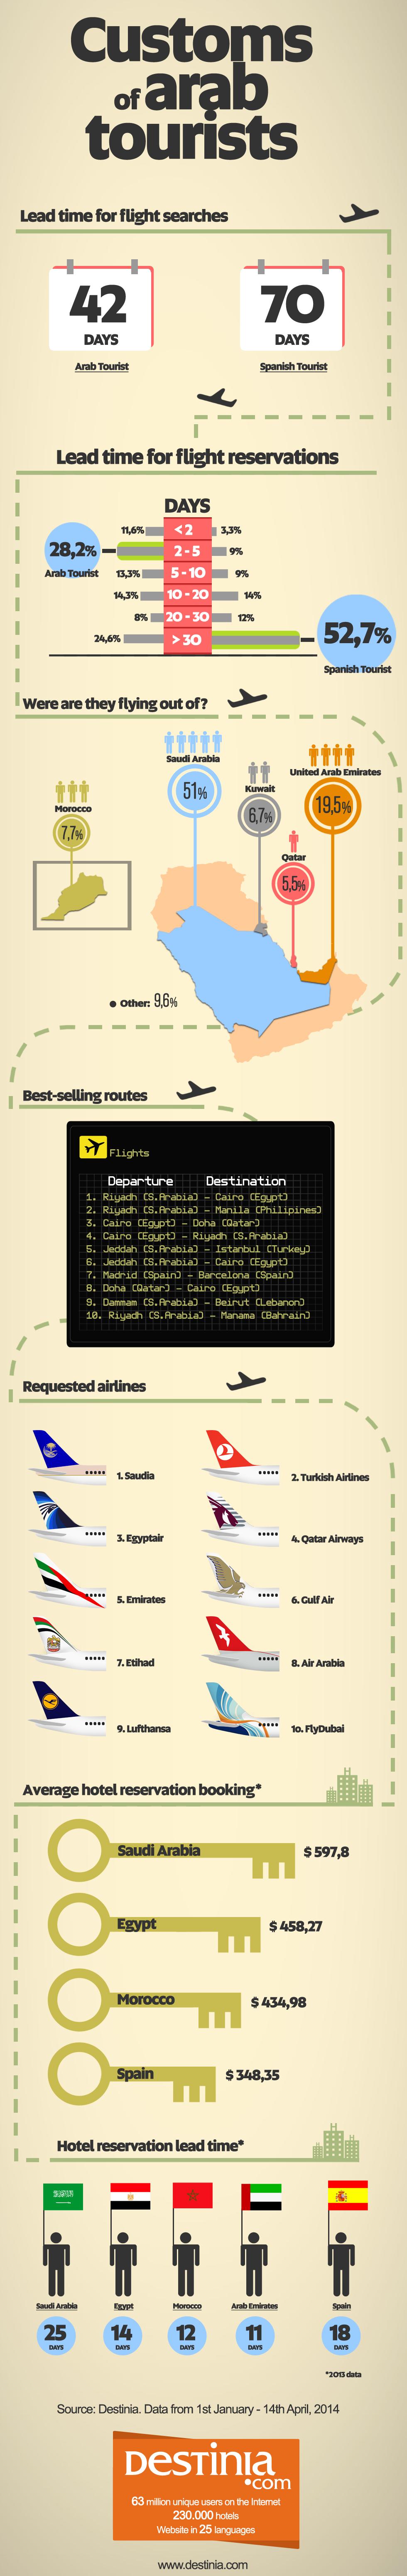 infografia_turista_Arabe_ENG